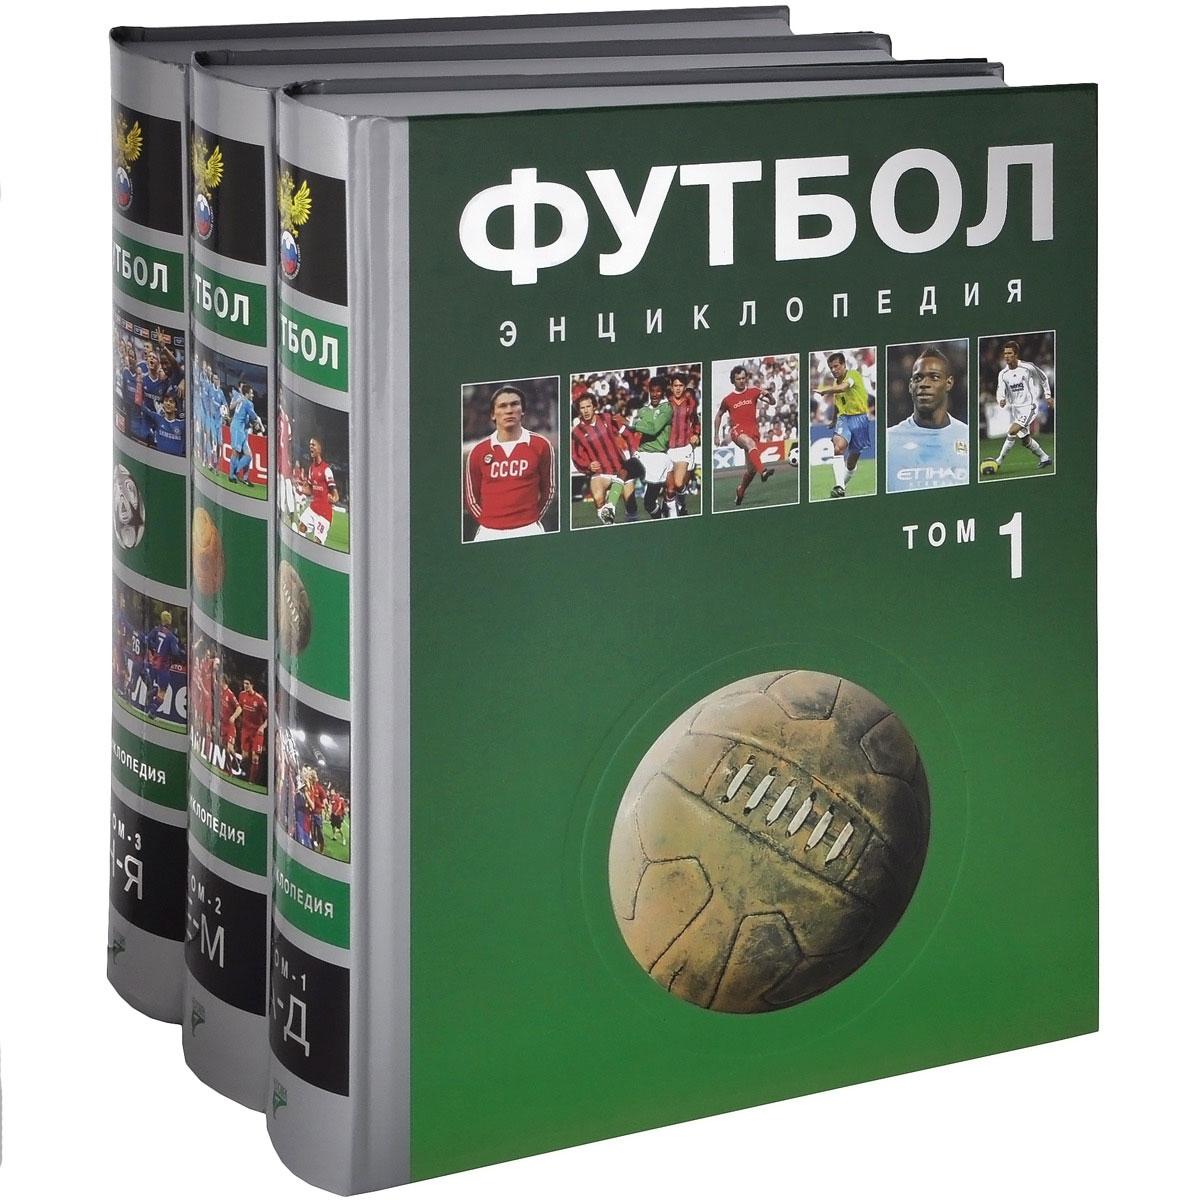 Футбол. Энциклопедия. В 3 томах (комплект из 3 книг)